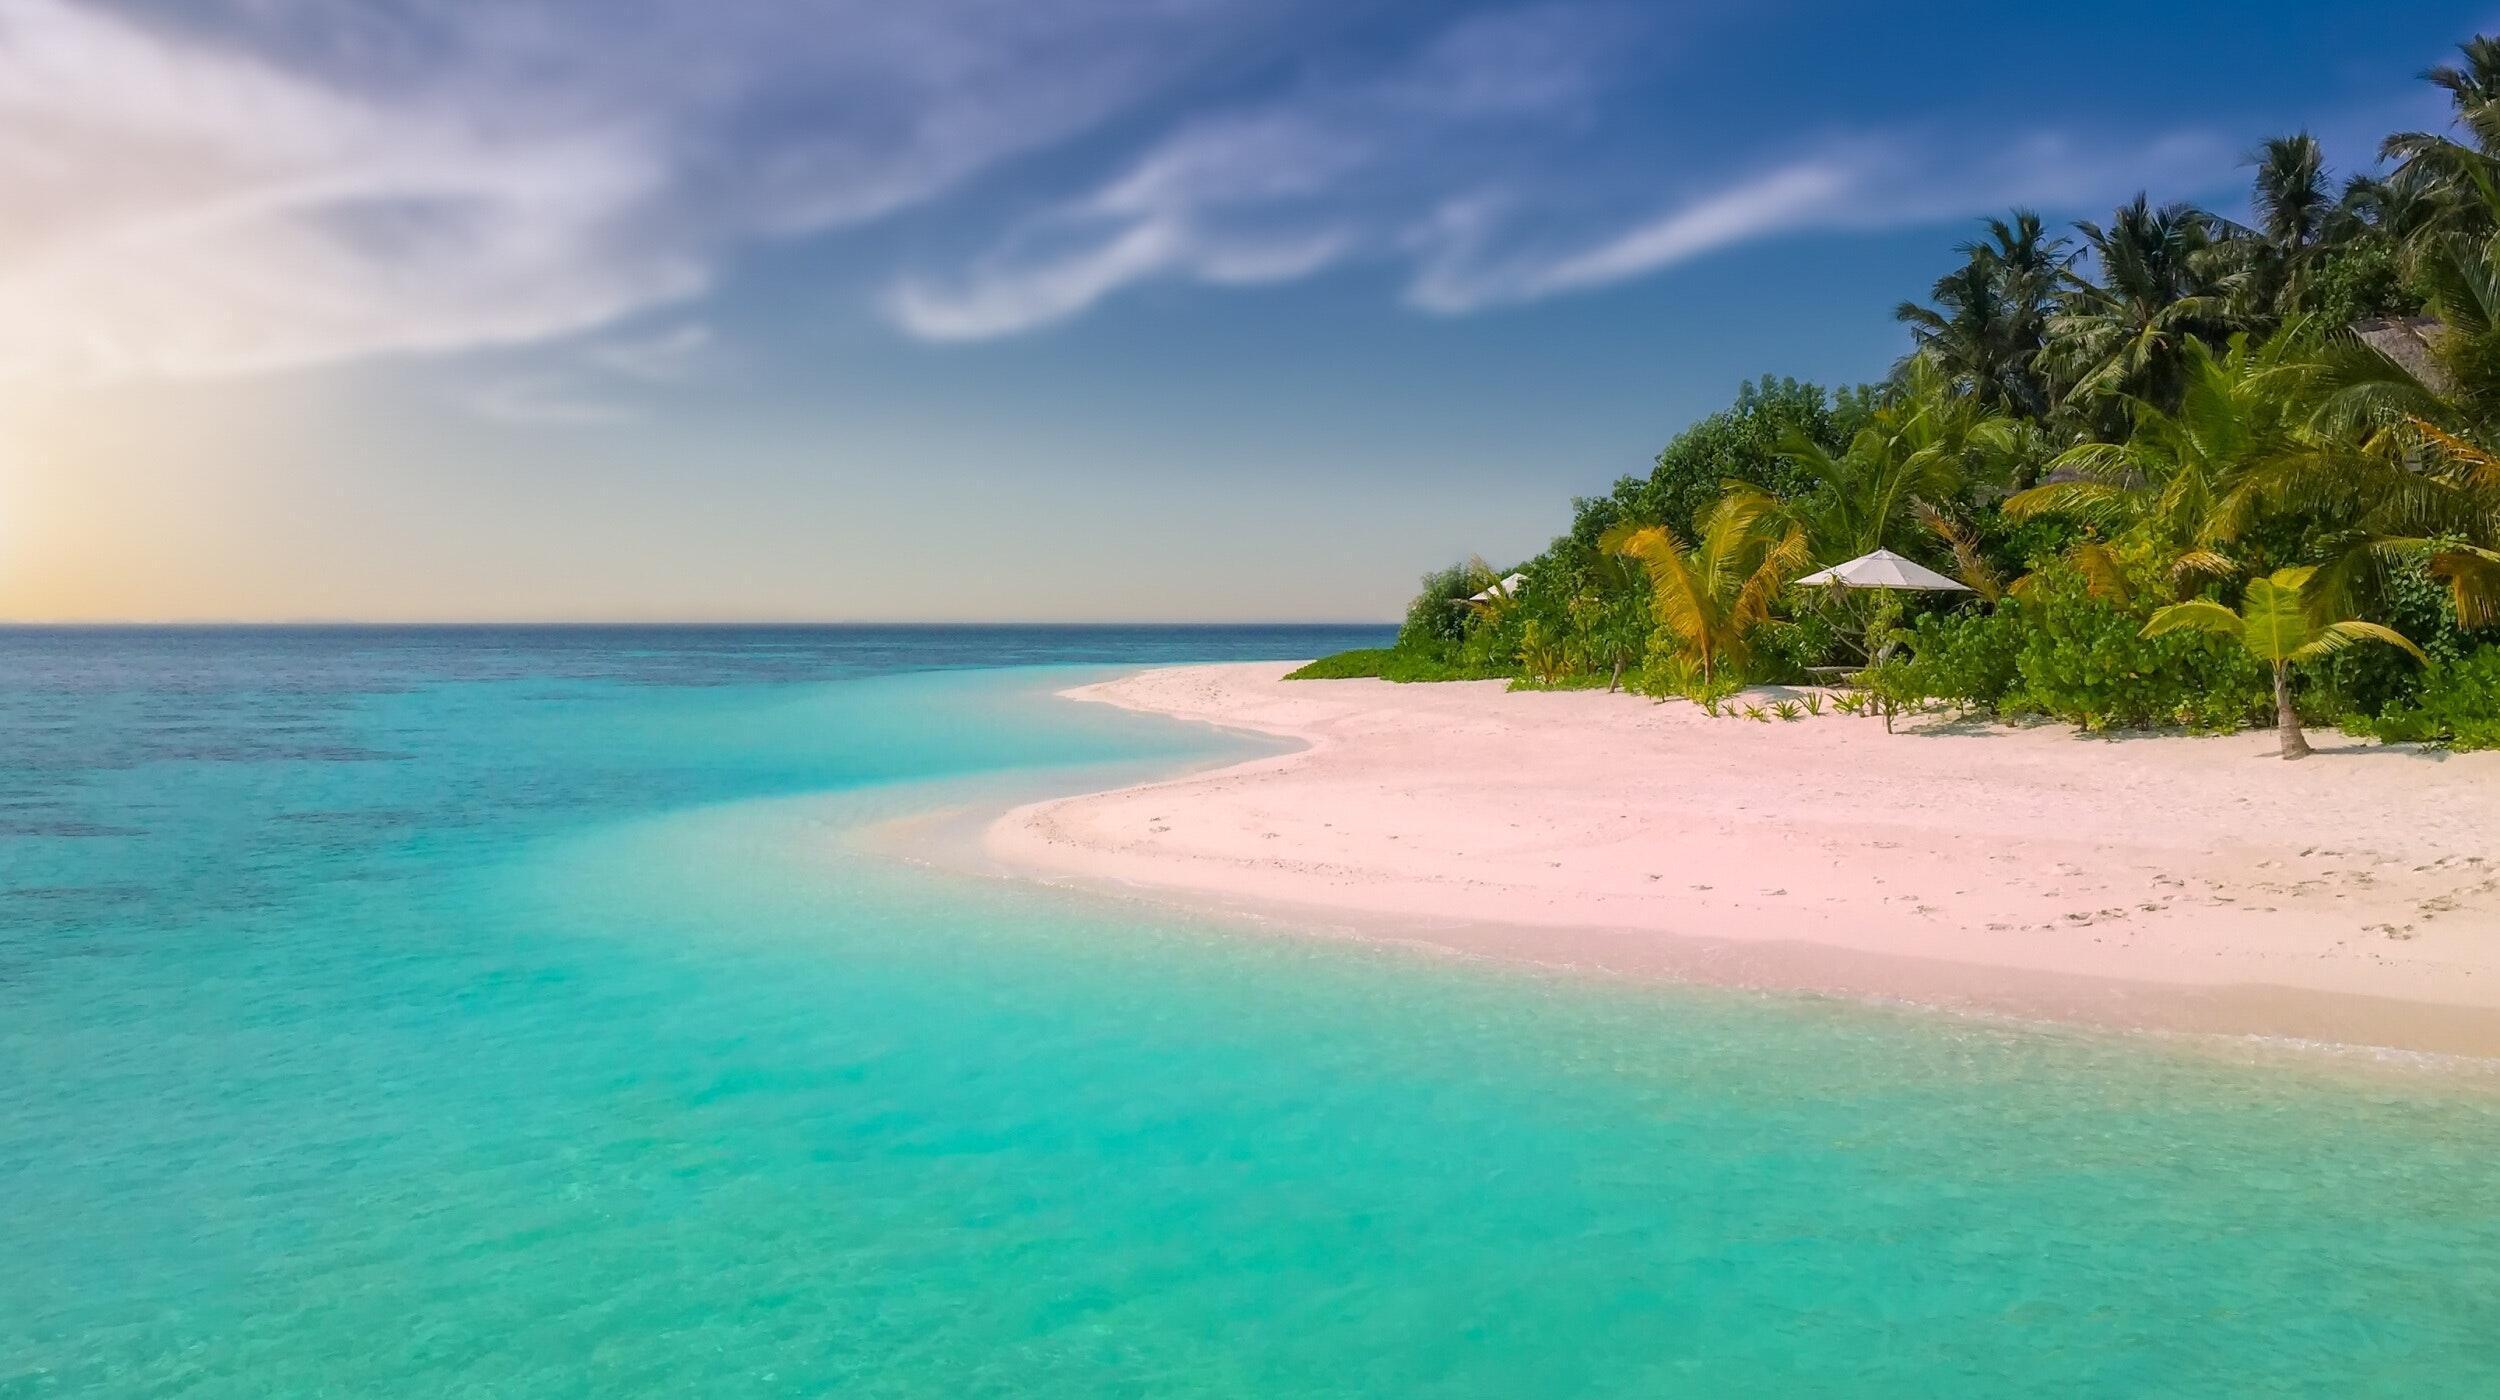 Bu yaz tatile nereye gitmelisin?